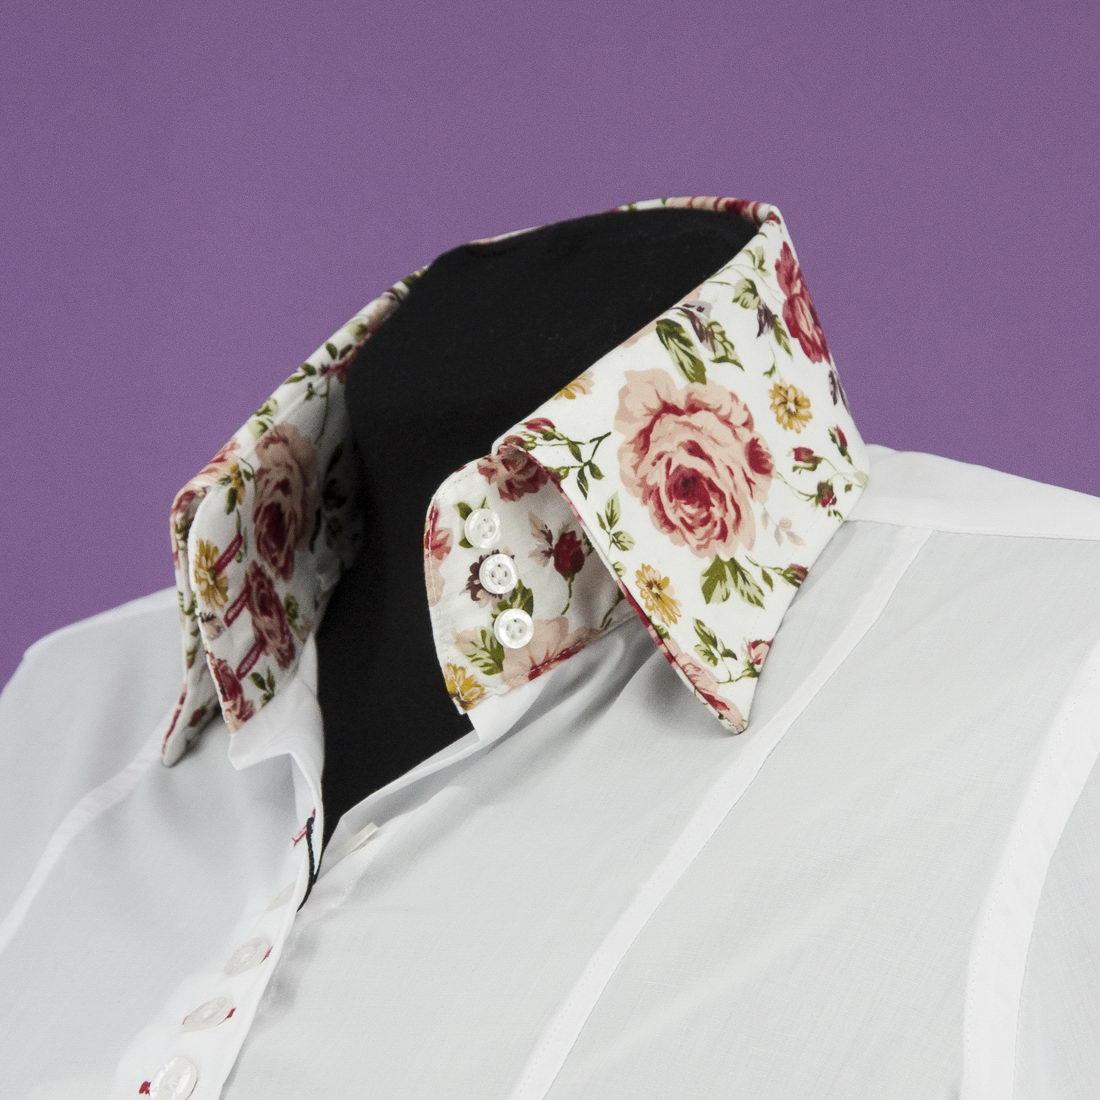 Красивые и стильные мужские рубашки и женские блузки Tunica Benefit. Огромный выбор. Есть распродажа! Очень хорошие отзывы! Без рядов! Выкуп 3